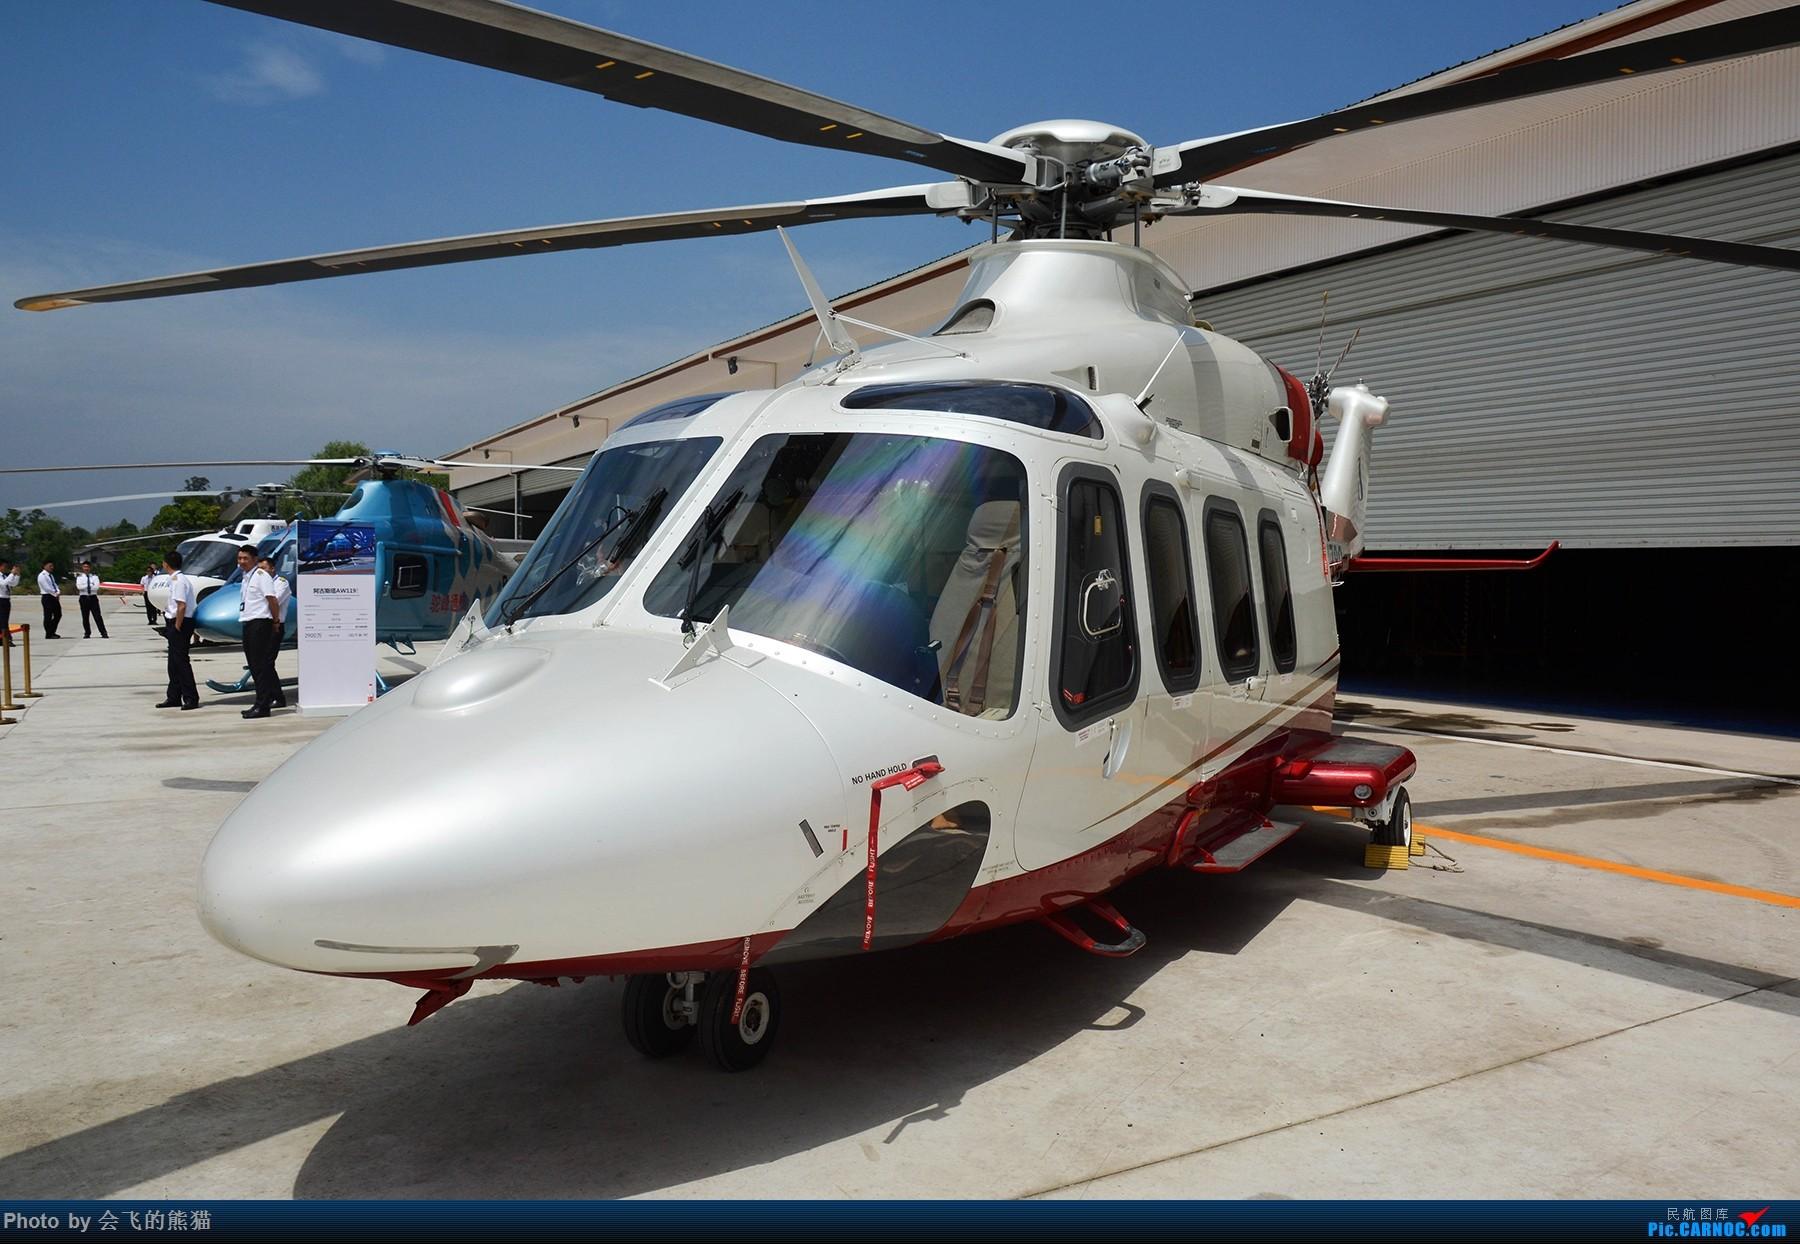 Re:本地小航展 AGUSTA AW139 B-7780 驼峰通航洛带机场